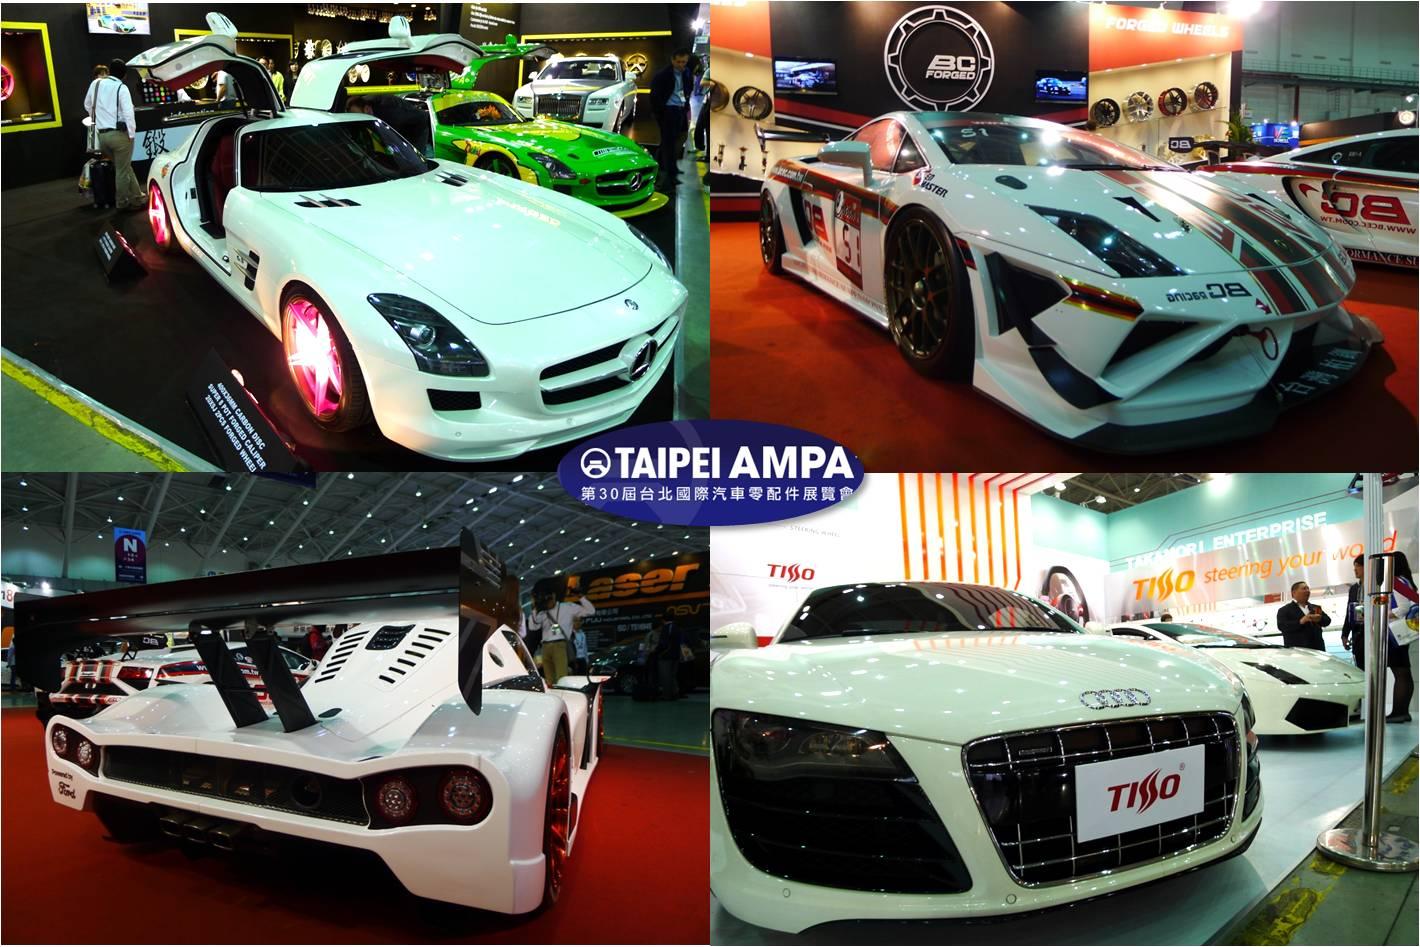 103-0411-不一樣的硬漢美學,Taipei AMPA國際汽車零配件展覽會23